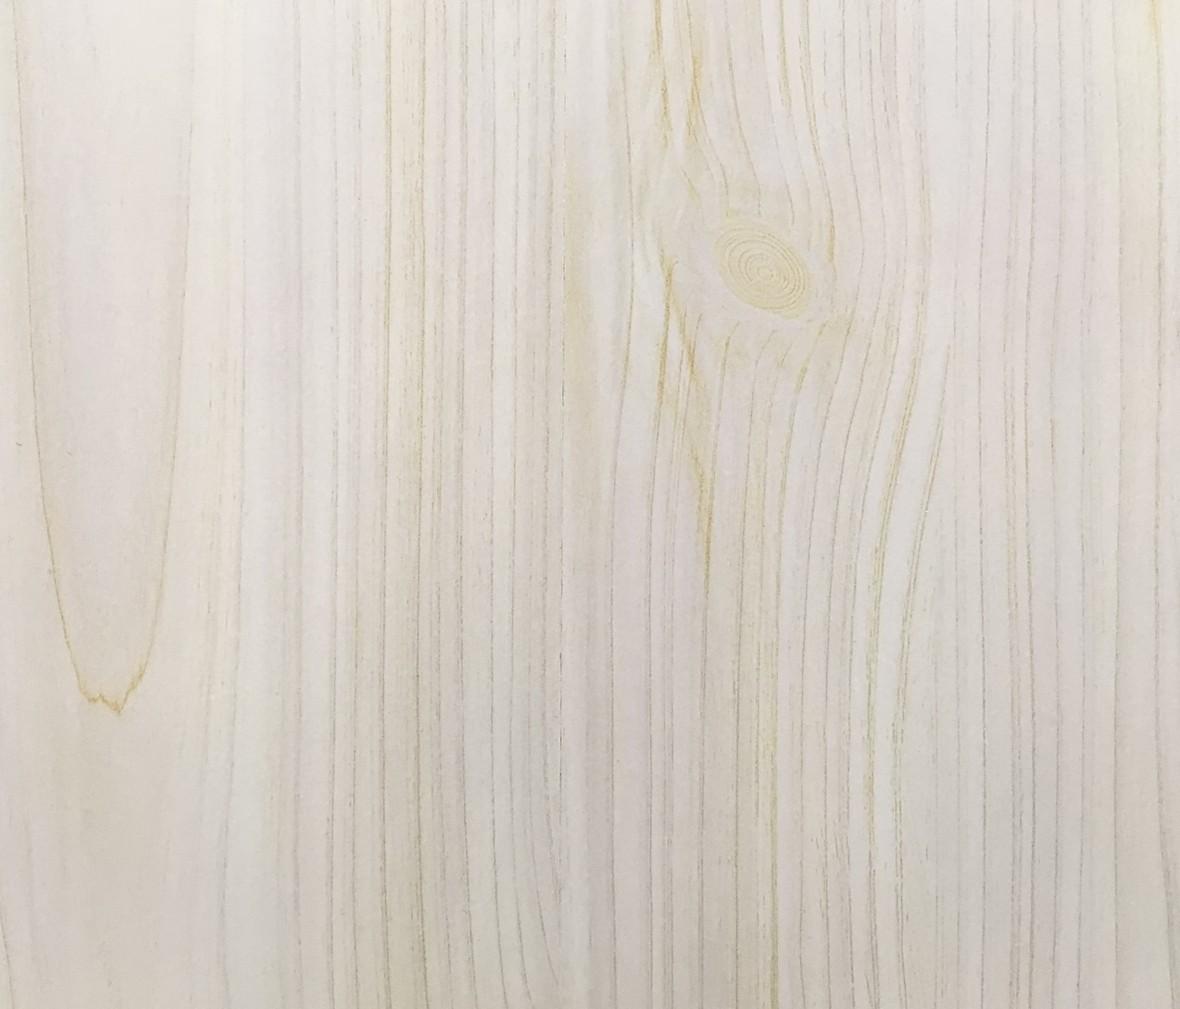 欧朗 BM9038型号强化复合地板 高密度板材质复合地板 图片、价格、品牌、评测样样齐全!【蓝景商城正品行货,蓝景丽家大钟寺家居广场提货,北京地区配送,领券更优惠,线上线下同品同价,立即购买享受更多优惠哦!】